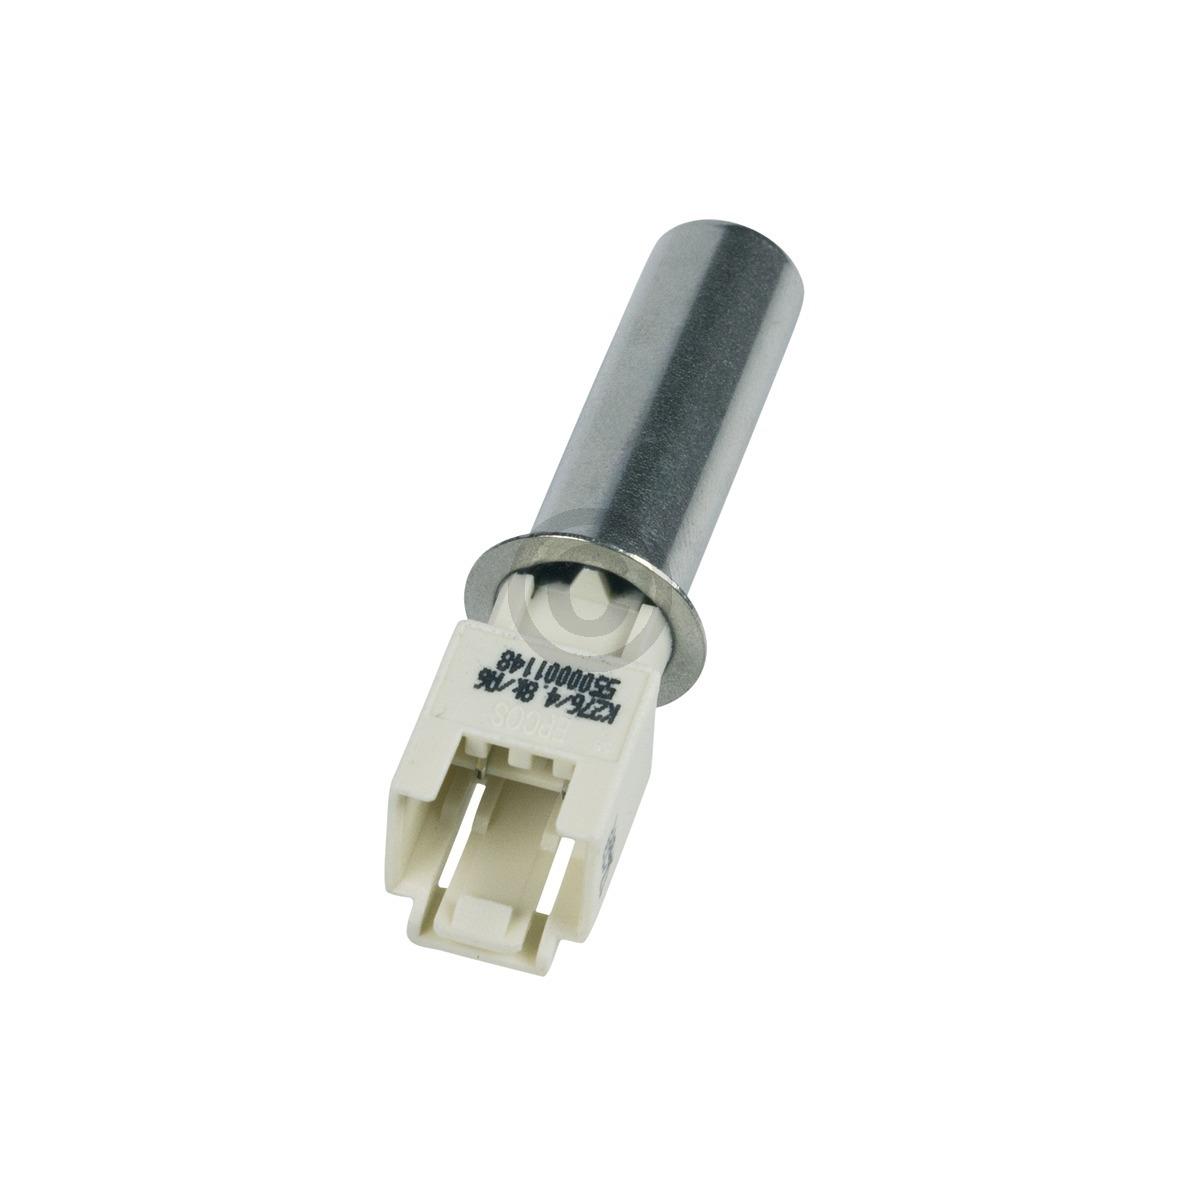 NTC-Sensor 00170961 170961 für Waschmaschinen von Bosch SIemens